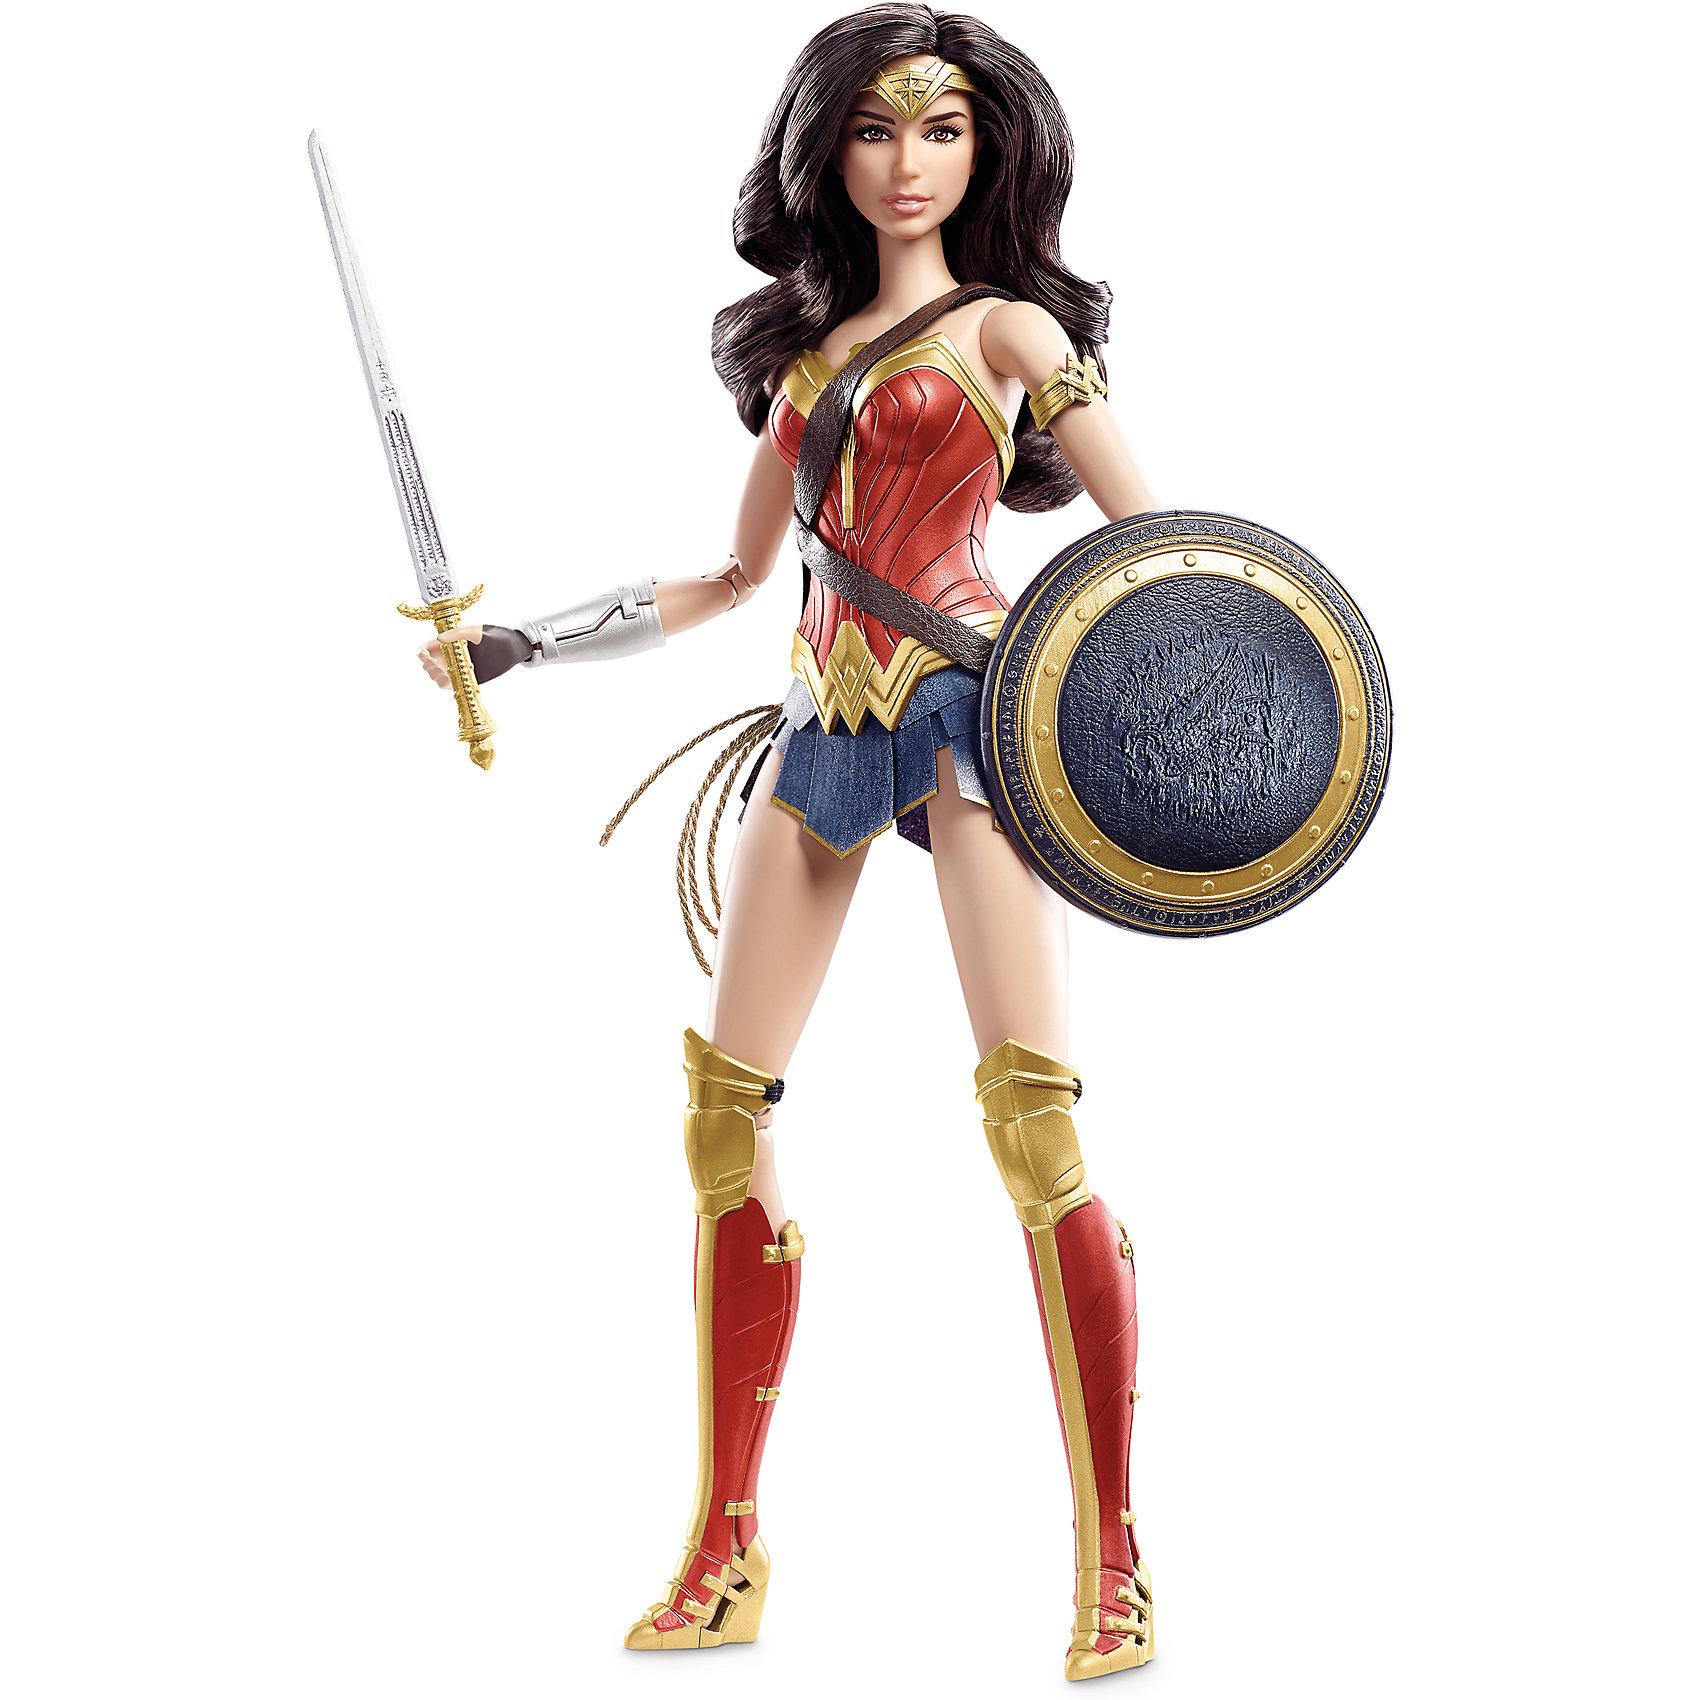 Коллекционная кукла Barbie Бэтмен против СуперменаКоллекционная кукла Barbie Бэтмен против Супермена – кукла, имеющая огромное сходство с героиней фильма, станет украшением коллекции.<br>Коллекционная кукла Barbie, Чудо-женщина – это кукла в образе героини фильма Бэтмен против Супермена: На заре справедливости. Игрушечная Чудо-женщина очень похожа на актрису Галь Гадот, которая сыграла эту роль в киноленте. Куколка тщательно детализирована, поэтому понравится коллекционерам, собирающим фигурки героев фильмов. У куклы длинные темные слегка волнистые волосы, карие глаза и светло-розовые губки. Она одета в настоящий костюм супергероини: красный лиф с золотой окантовкой, очень короткую синюю юбку, высокие красно-золотые сапоги и наручи, которые служат для защиты. В руках - меч и щит, а на поясе висит лассо Истины. Руки и ноги у куклы шарнирные, сгибаются в локтях и коленях, голова поворачивается в стороны.<br><br>Дополнительная информация:<br><br>- Высота куклы: 29 см.<br>- Материал: пластик, текстиль<br>- Кукла не предназначена для переодевания<br>- Глаза и ресницы: нарисованные<br>- Размер упаковки: 9 x 18,5 x 33,5 см.<br>- Вес: 390 гр.<br><br>Коллекционную куклу Barbie Бэтмен против Супермена можно купить в нашем интернет-магазине.<br><br>Ширина мм: 90<br>Глубина мм: 185<br>Высота мм: 335<br>Вес г: 390<br>Возраст от месяцев: 36<br>Возраст до месяцев: 84<br>Пол: Женский<br>Возраст: Детский<br>SKU: 4713573